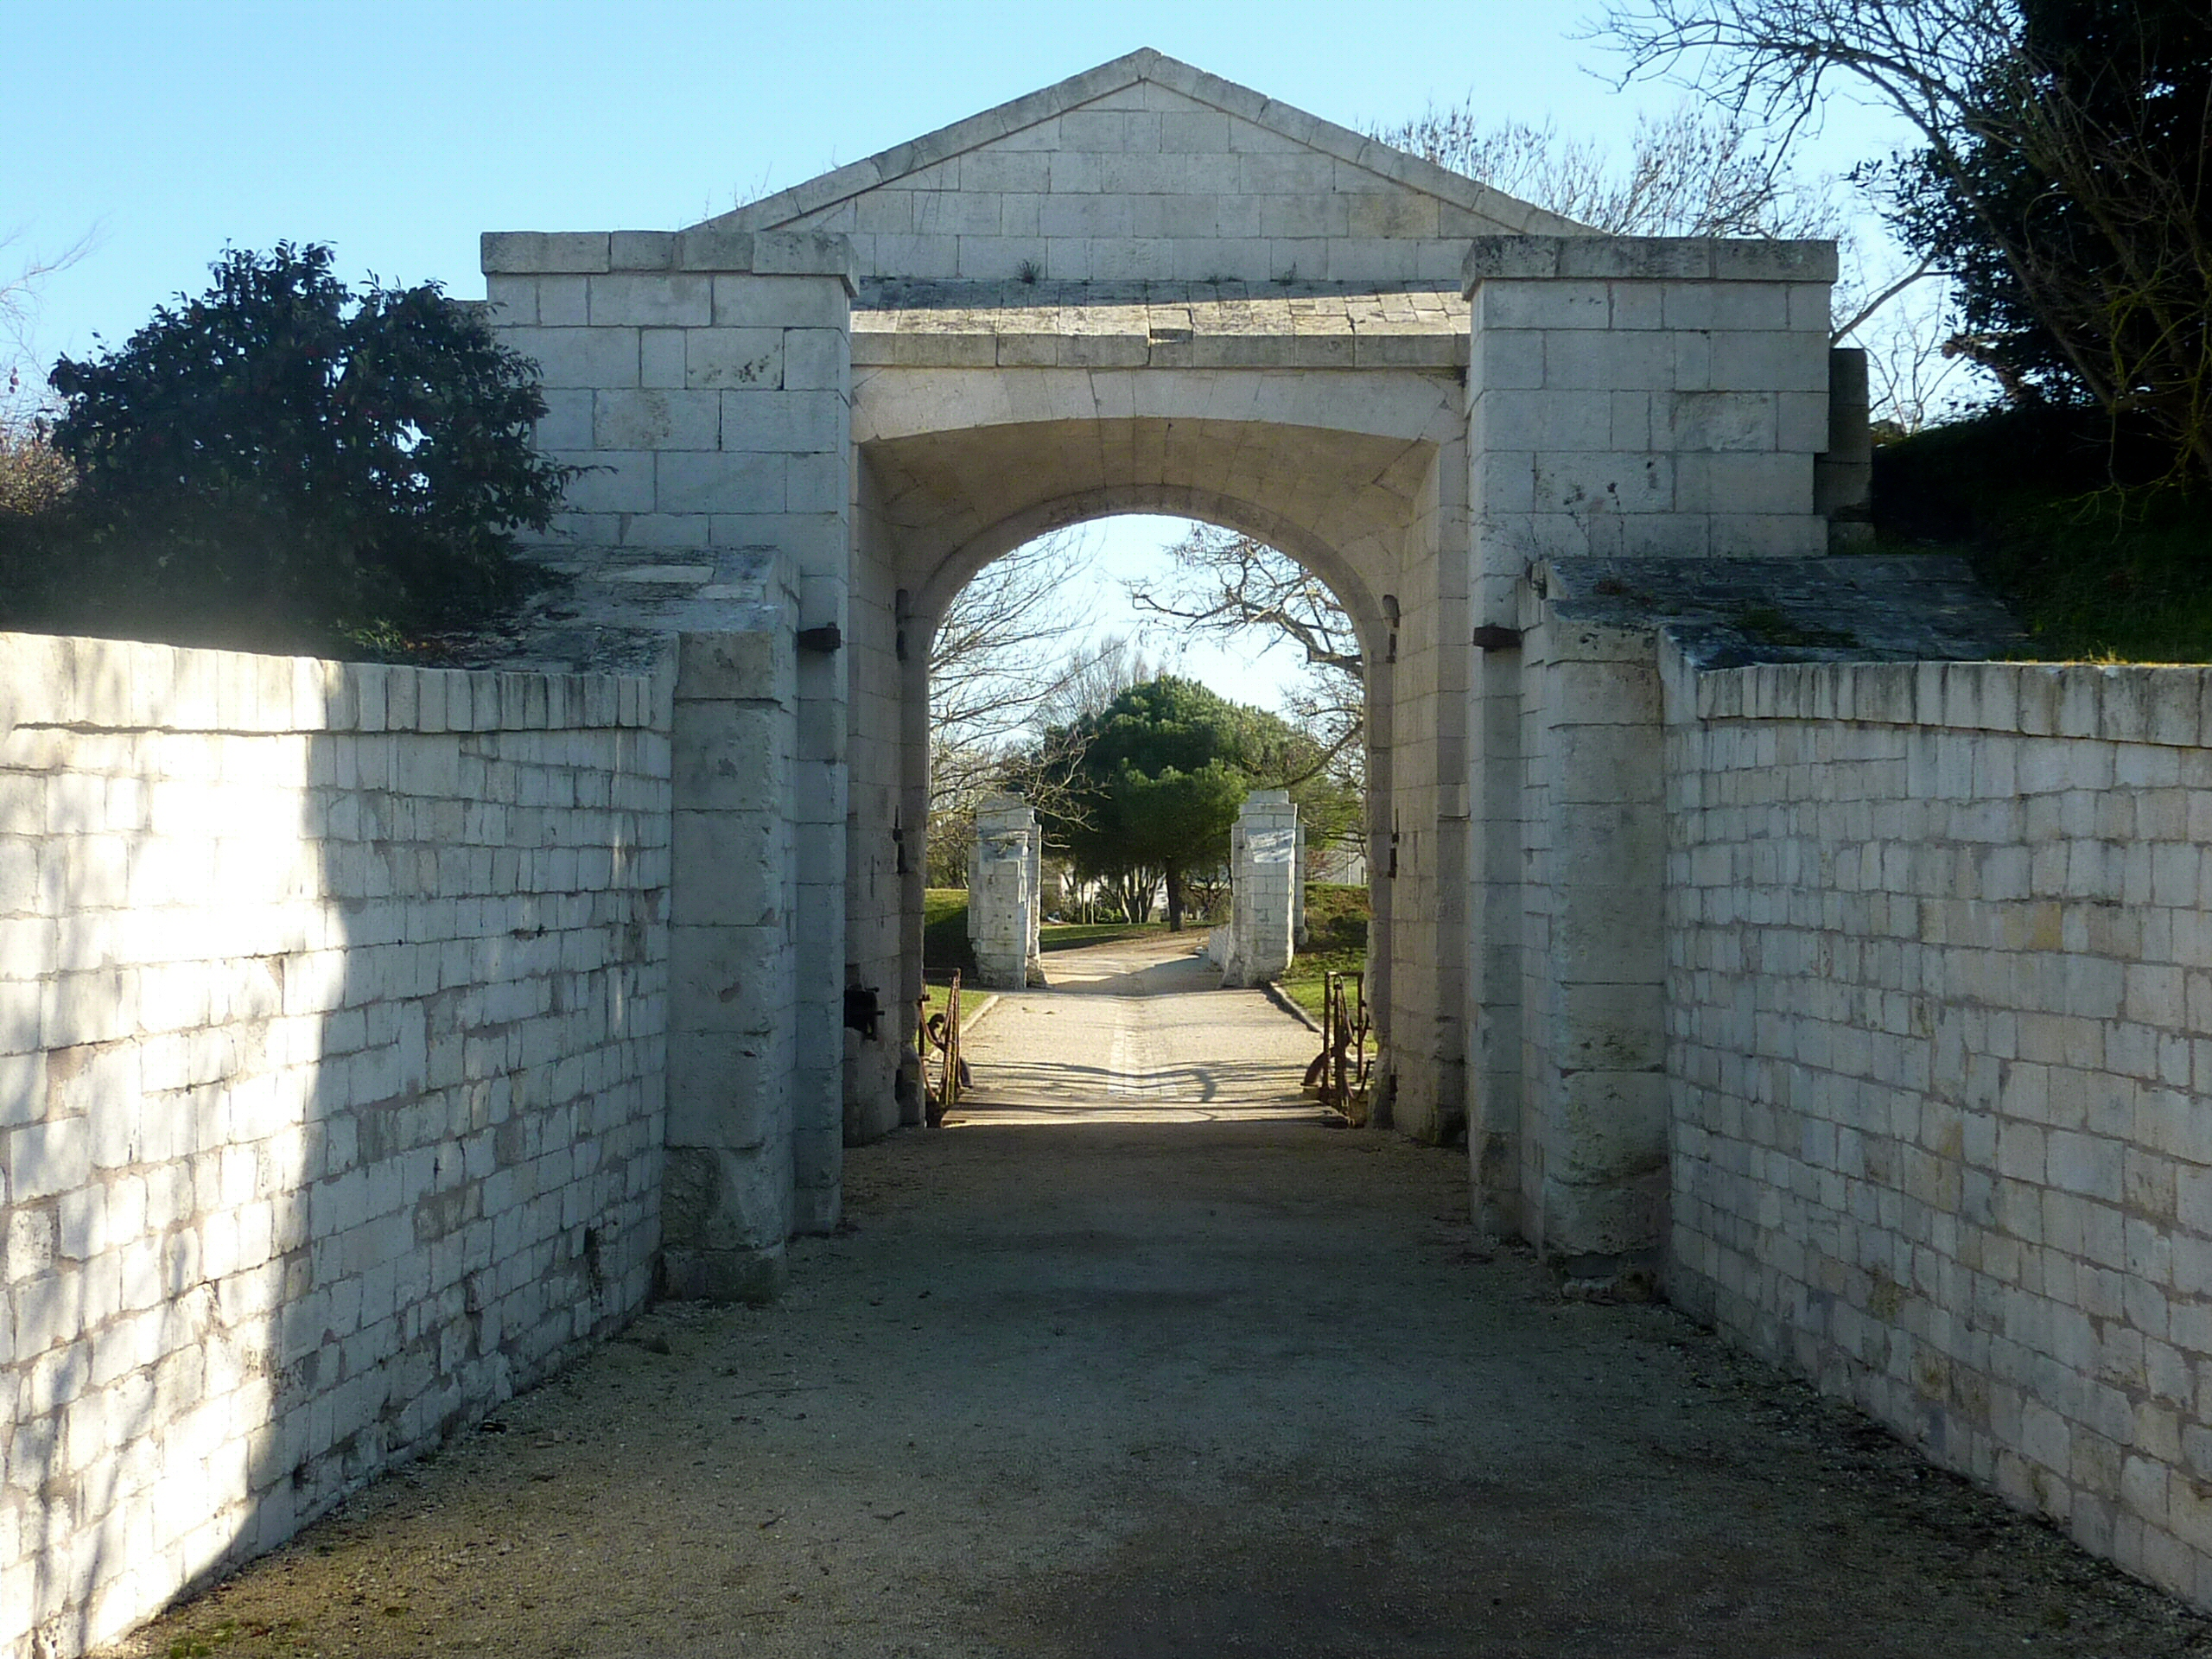 Architecte Interieur La Rochelle file:059 - porte royale (ancienne) côté intérieur - la